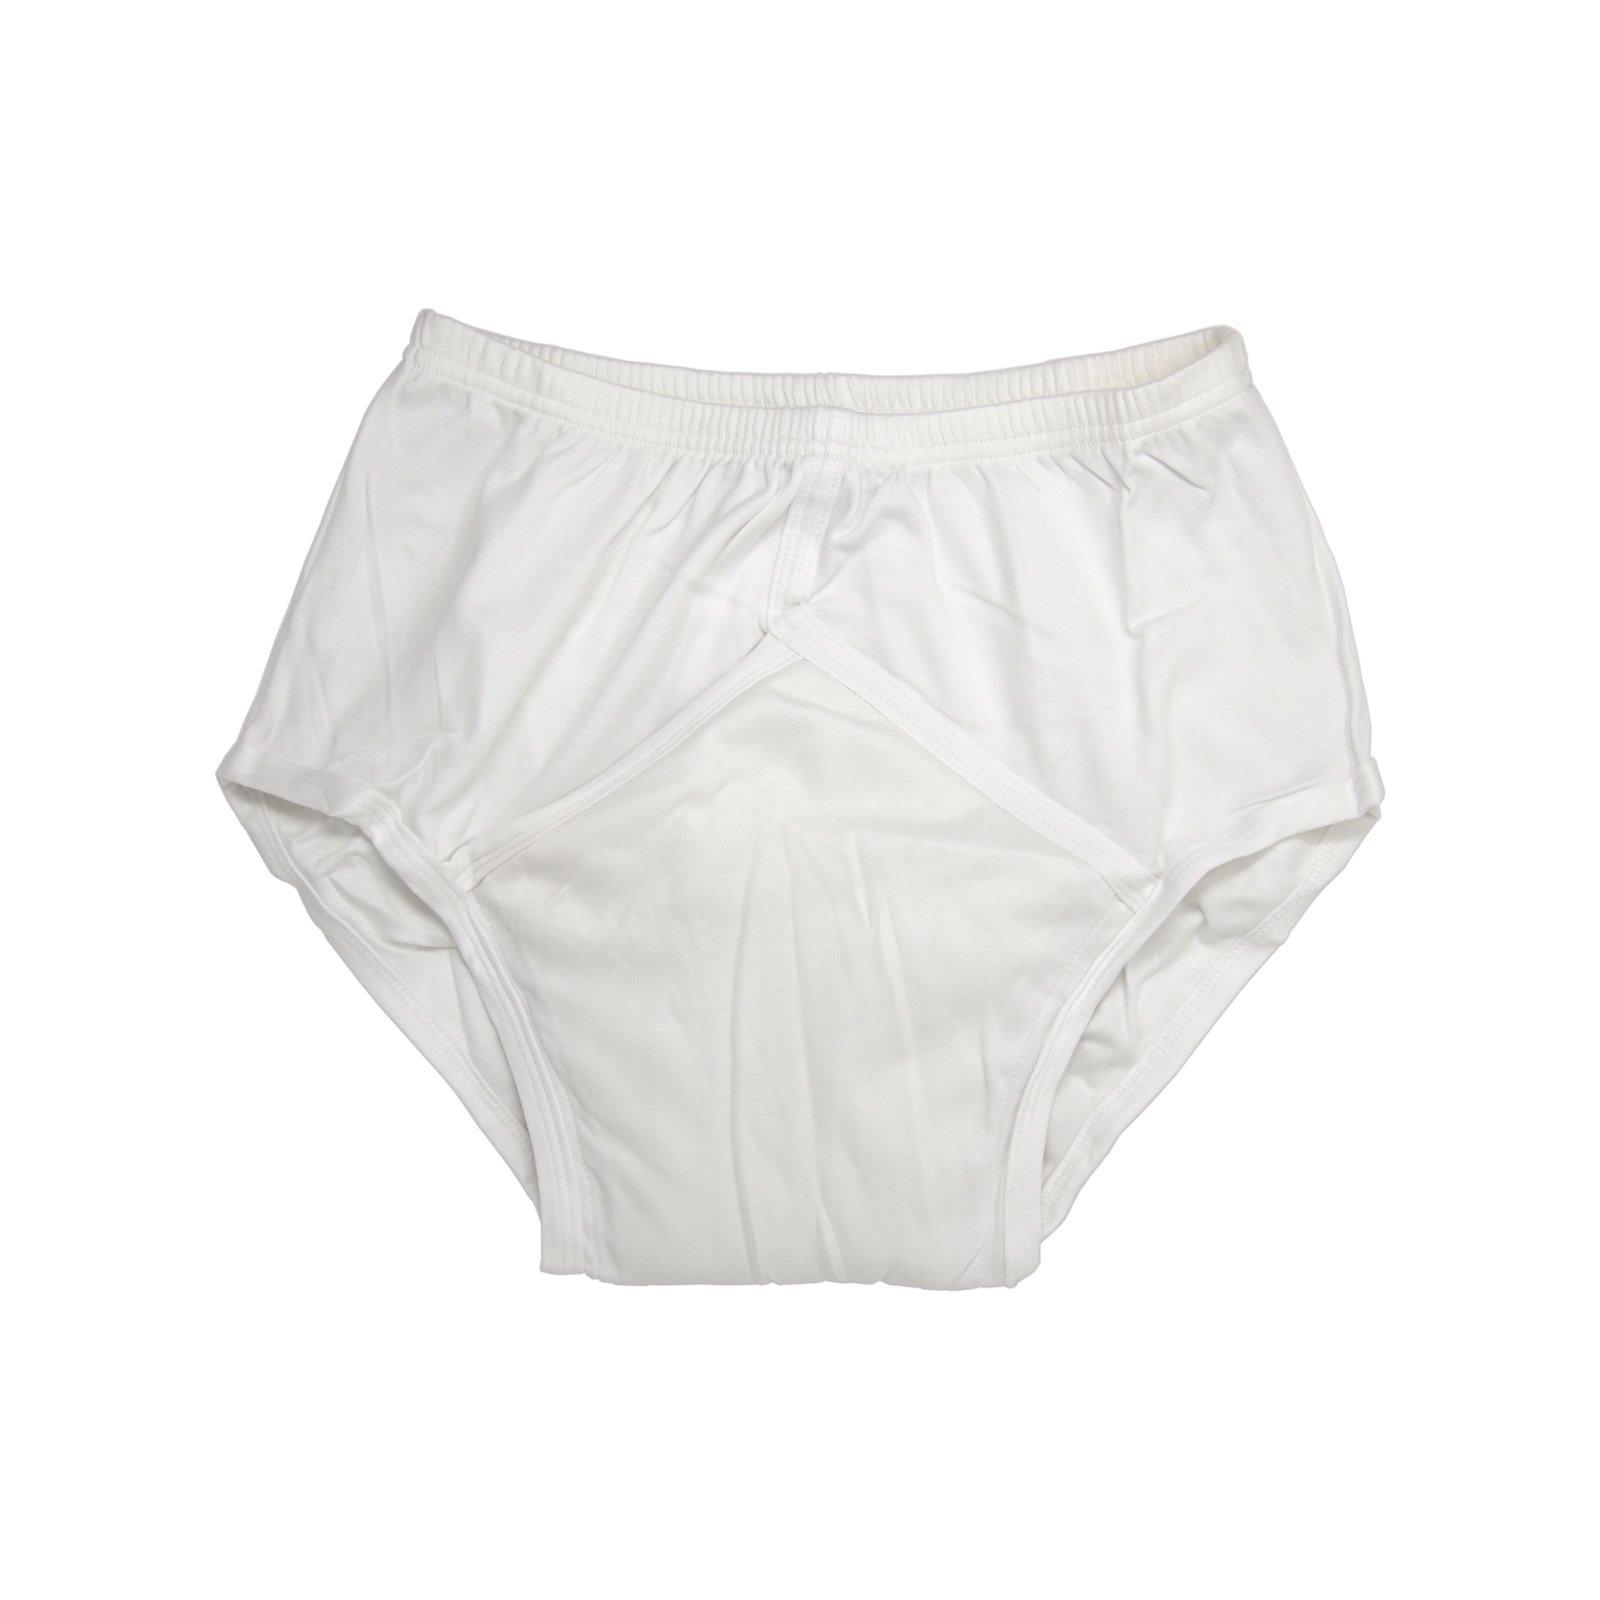 White Small